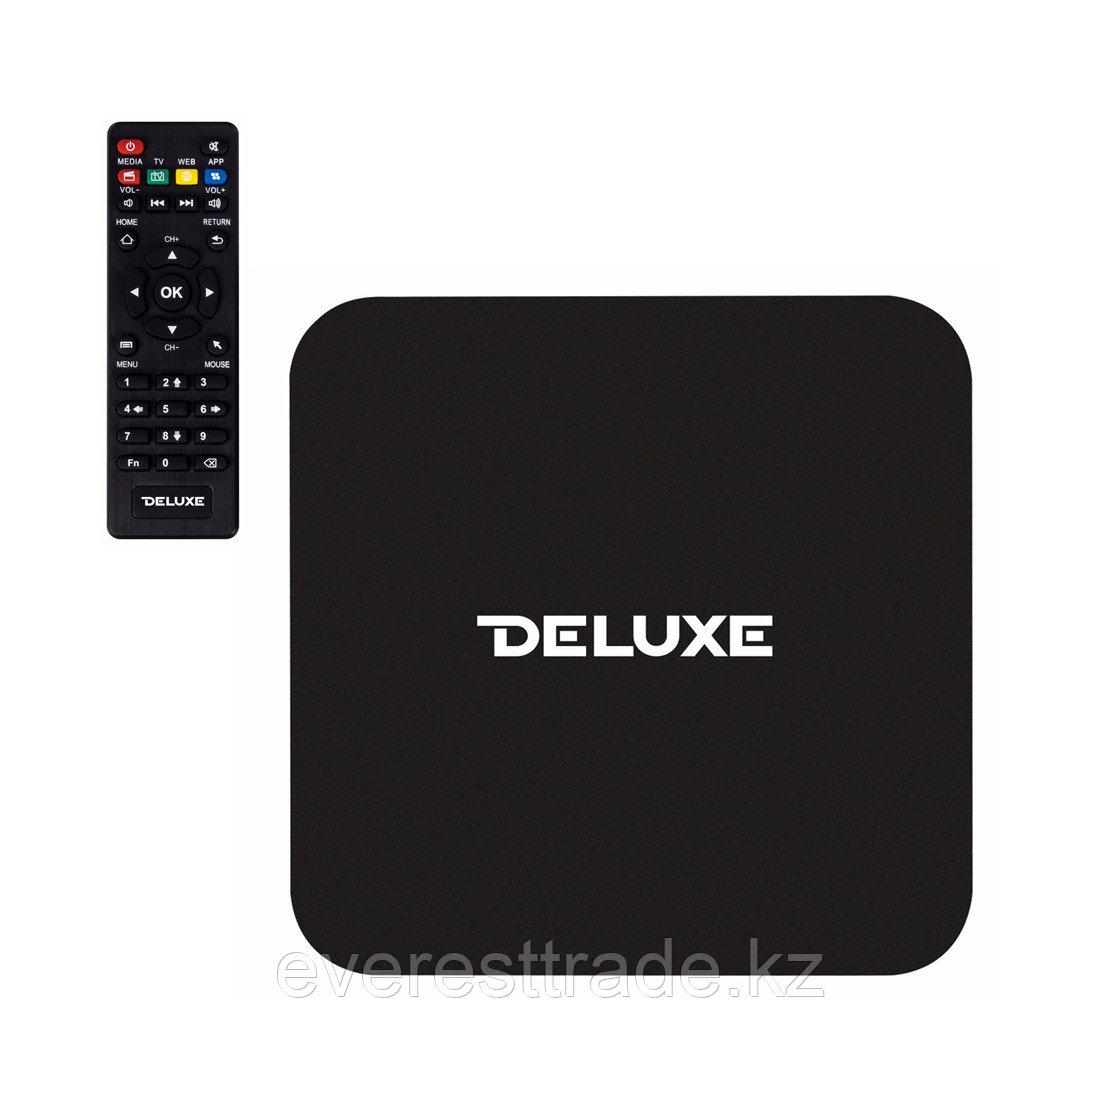 Delux Цифровой телевизионный приемник Deluxe V1Pro смарт приставка Wi-Fi